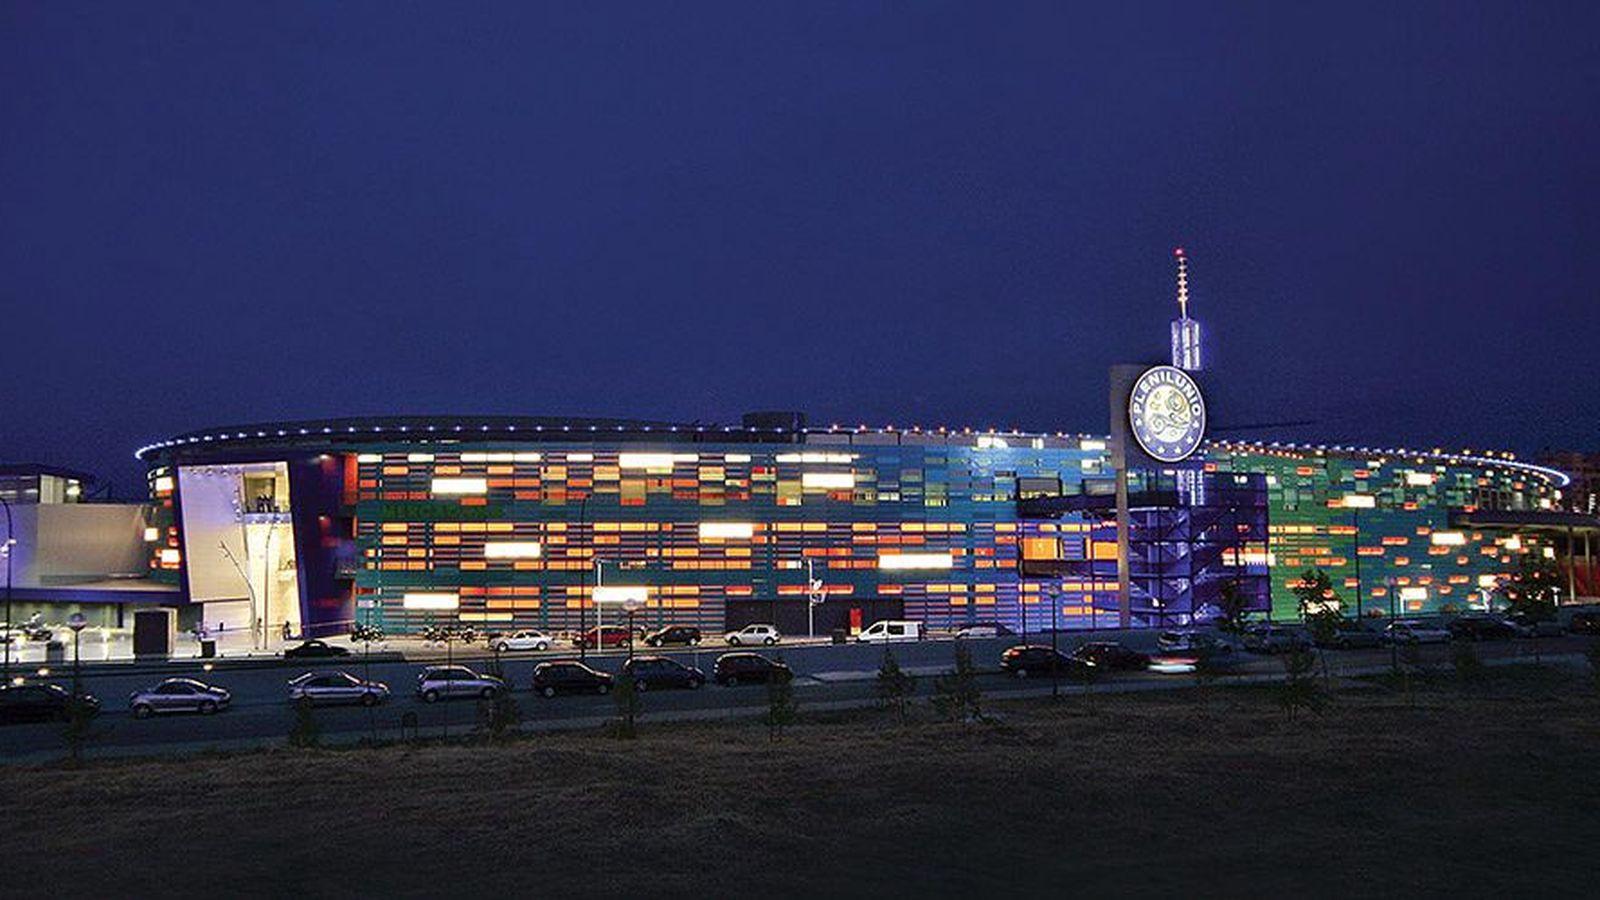 Kl pierre compra a orion el centro comercial plenilunio en for Centro comercial sol madrid